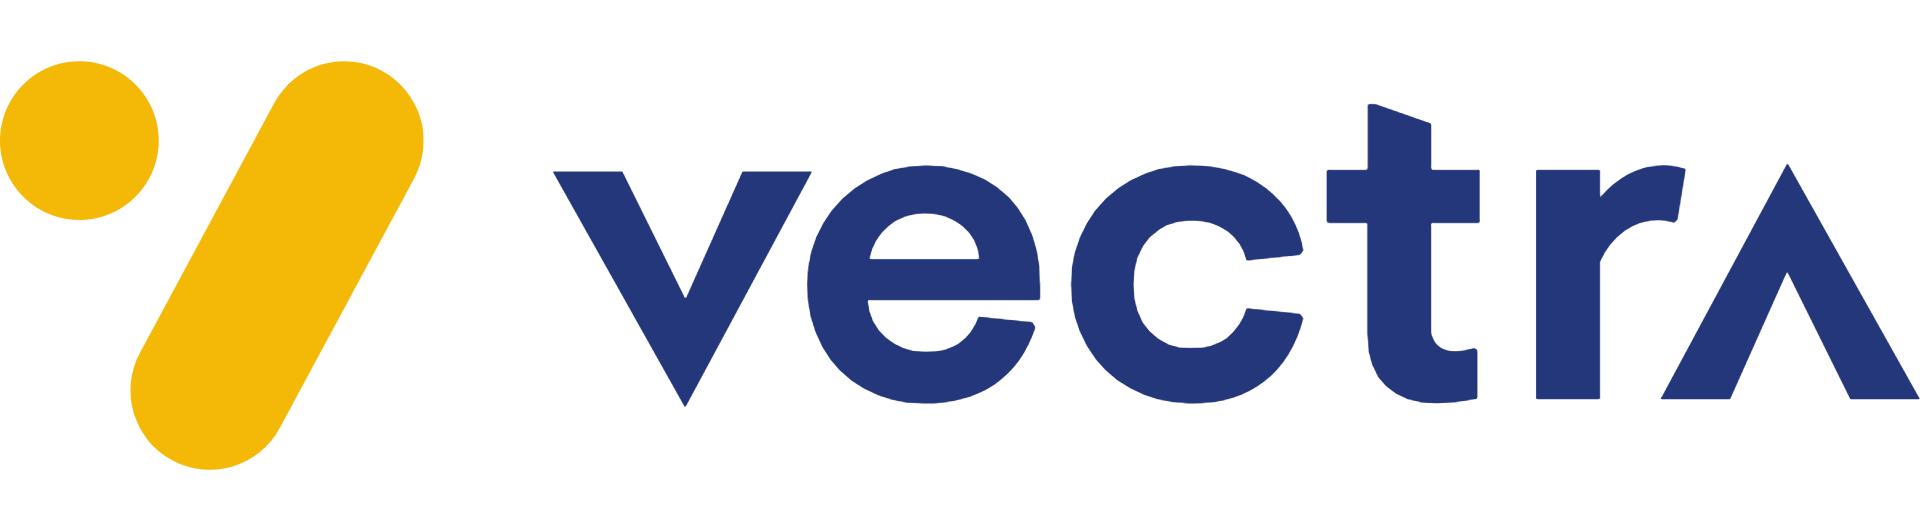 Vectra infolinia | Adres, numer, telefon, kontakt, informacje dodatkowe